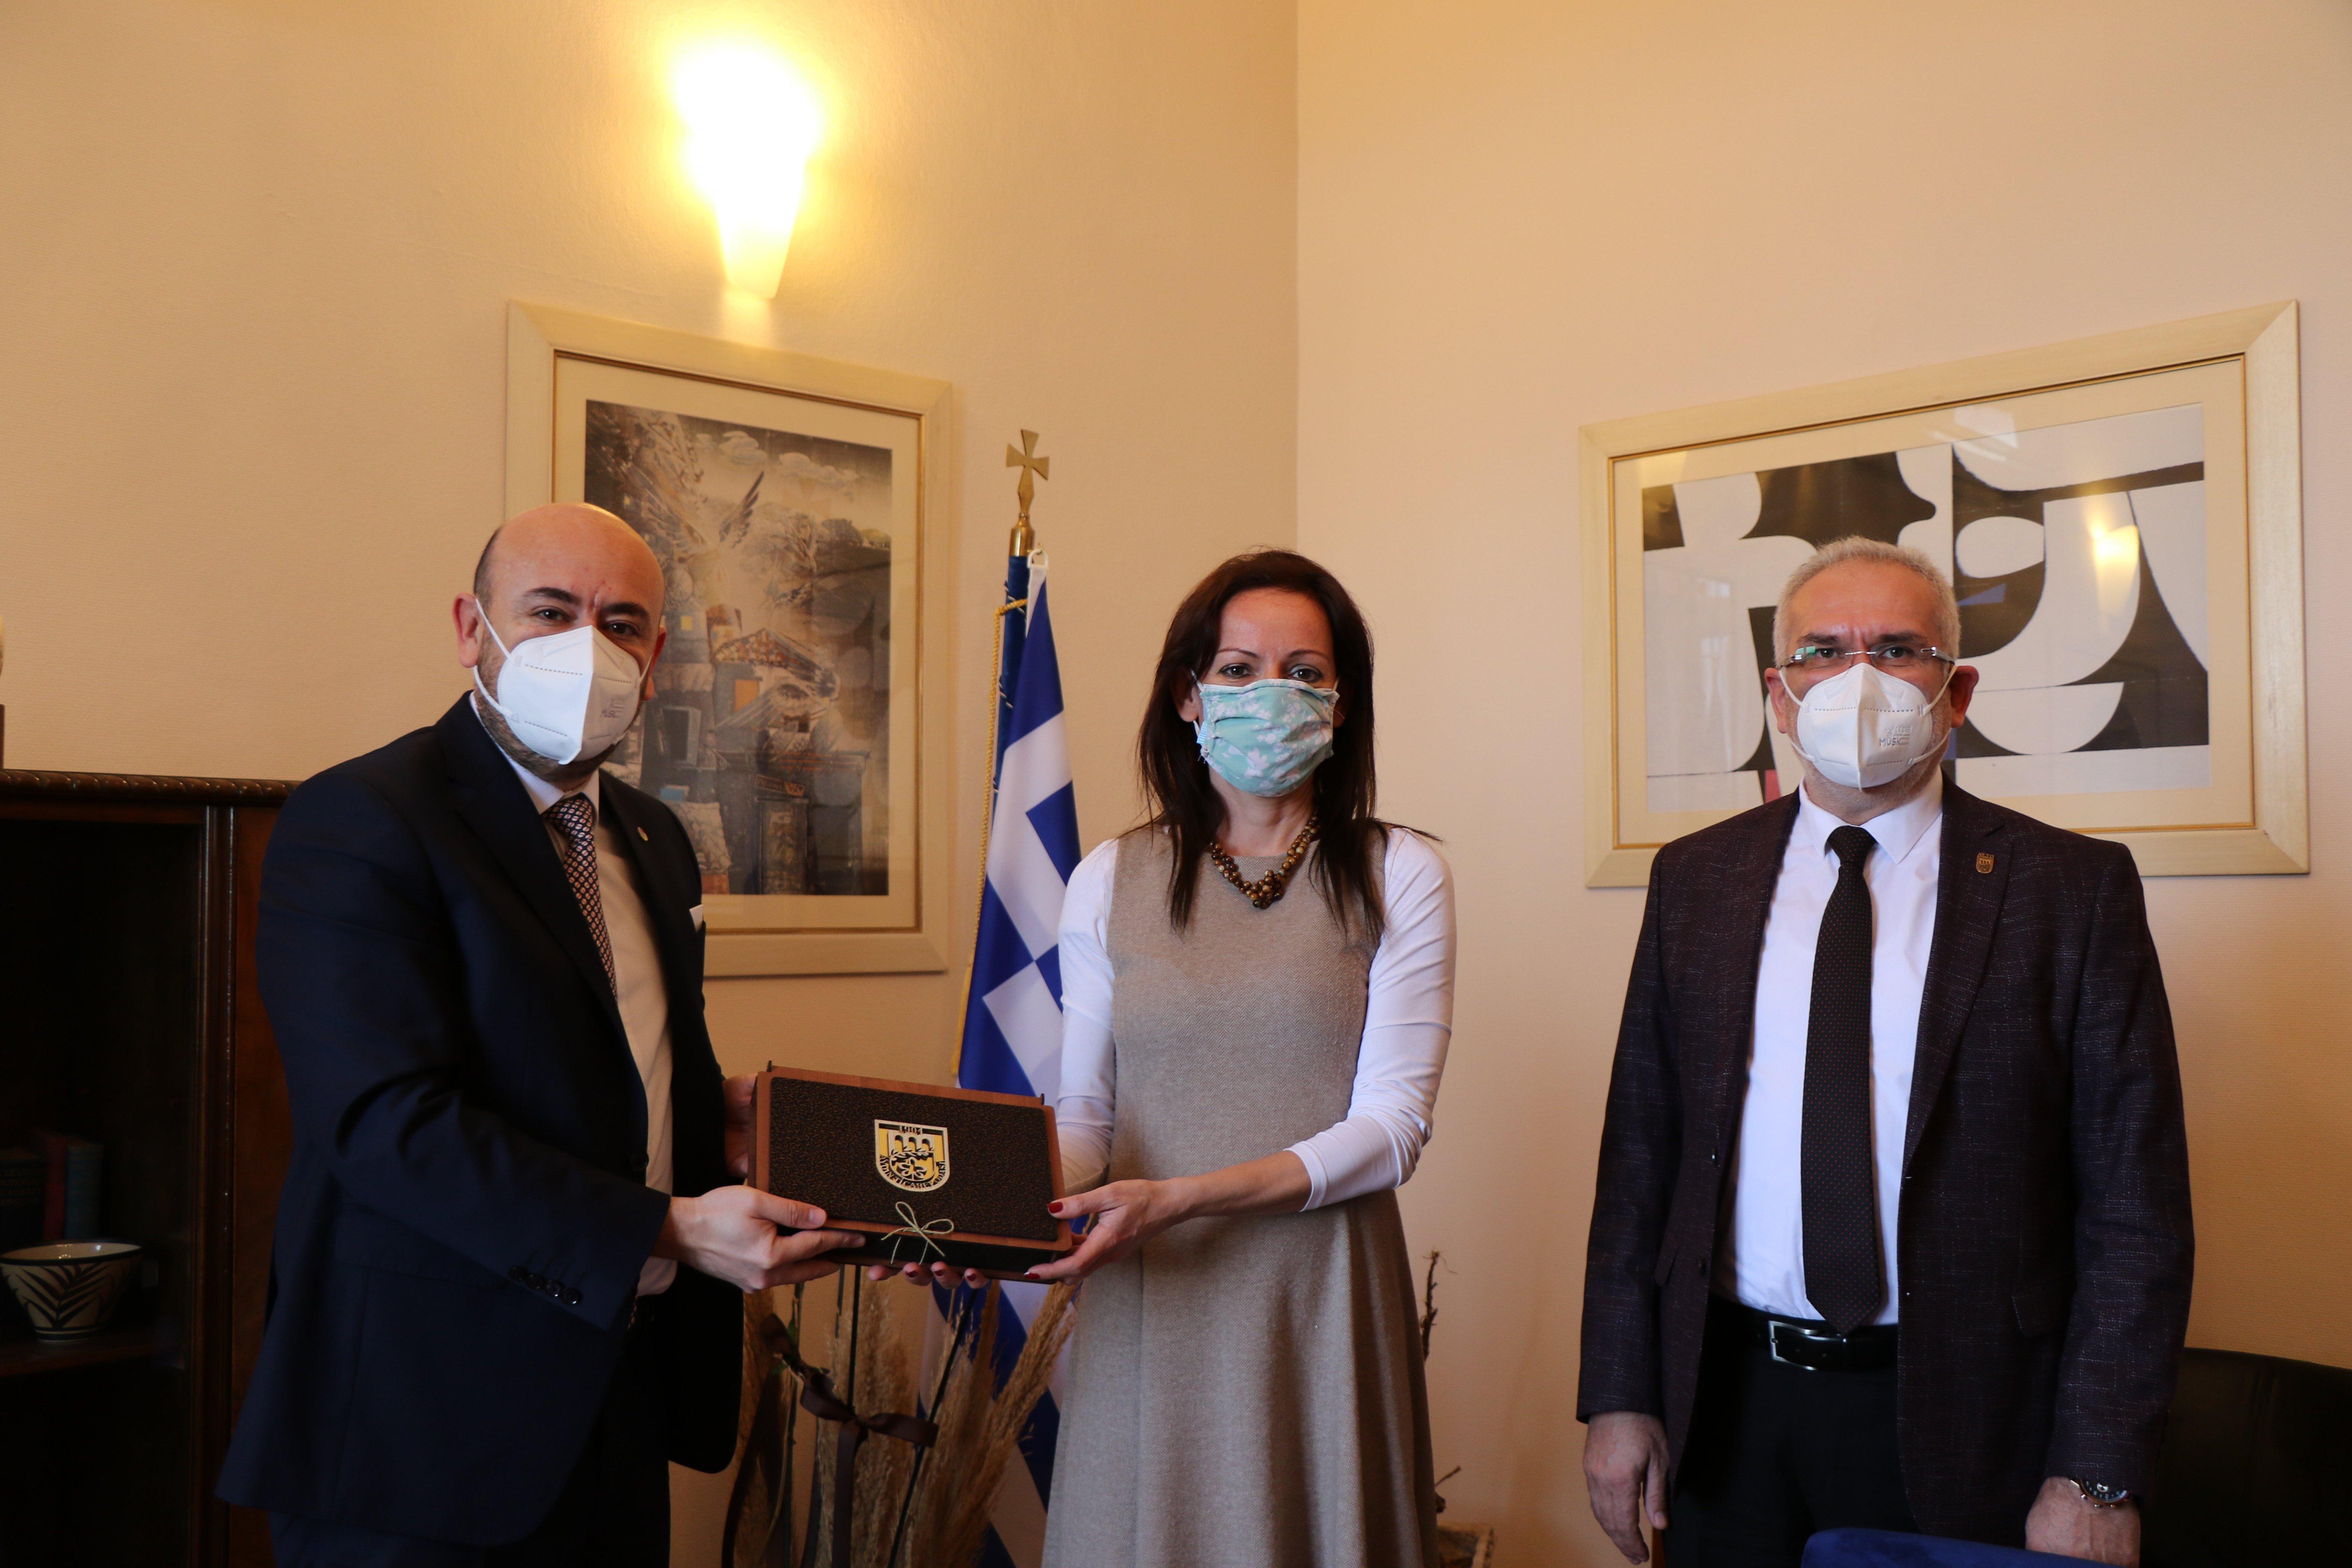 TOBB Yönetim Kurulu üyesi ve Odamız Başkanı Hakan ÜLKEN ve Odamız Meclis Başkanı Coşkun CERİT, yeni görevine başlayan Yunanistan İzmir Başkonsolosu Sayın Despoina BALKİZA' yı makamında ziyaret etti